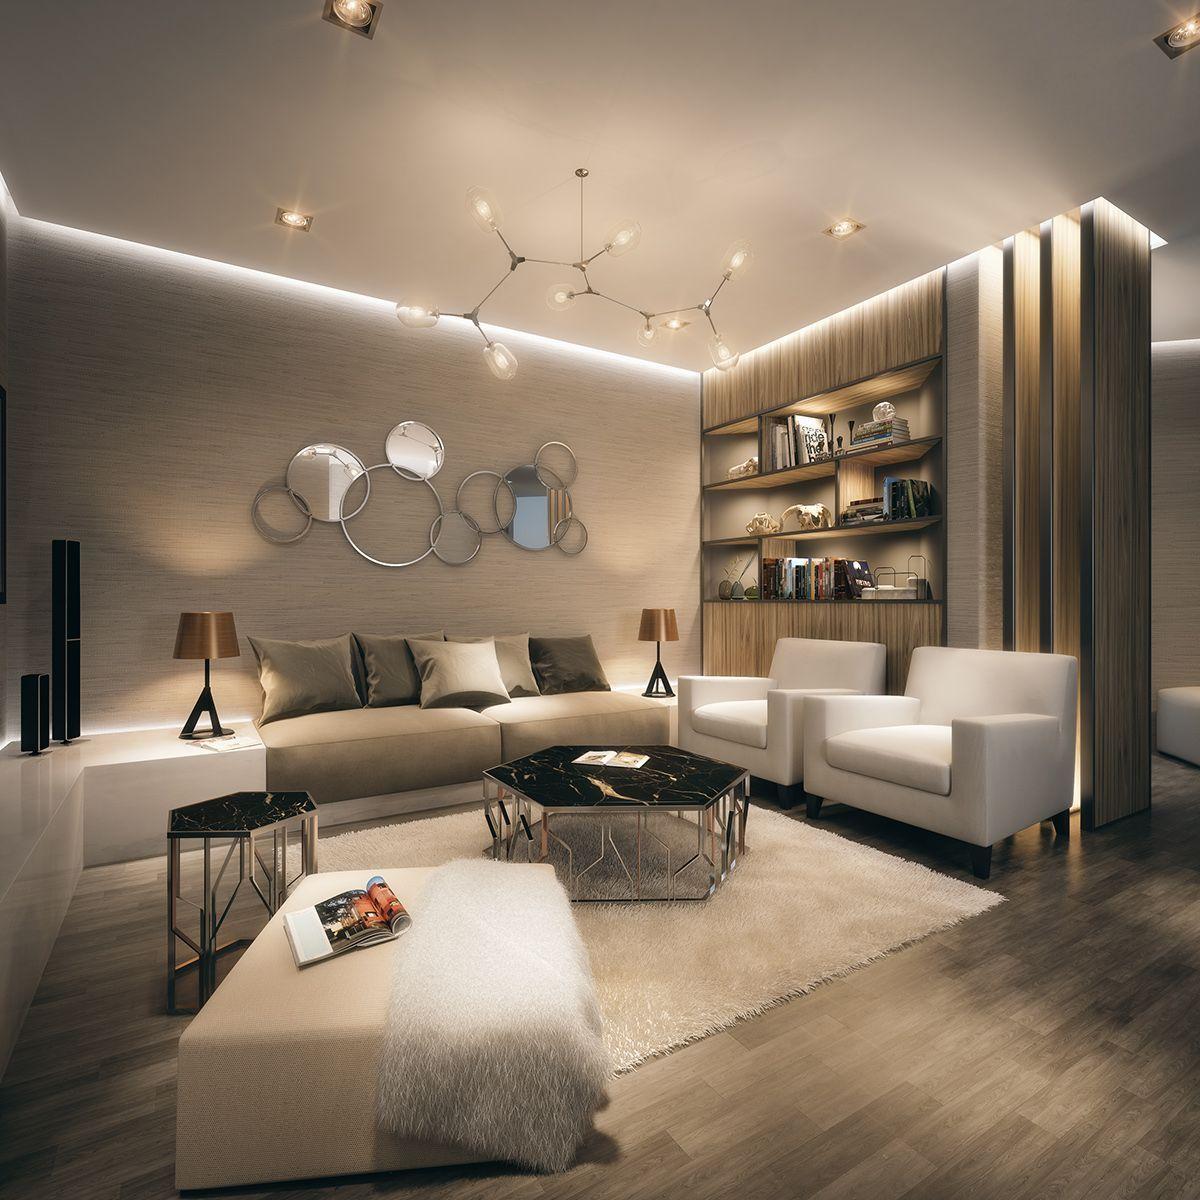 10 Ultra Luxury Apartment Interior Design Ideas   Luxury apartments ...